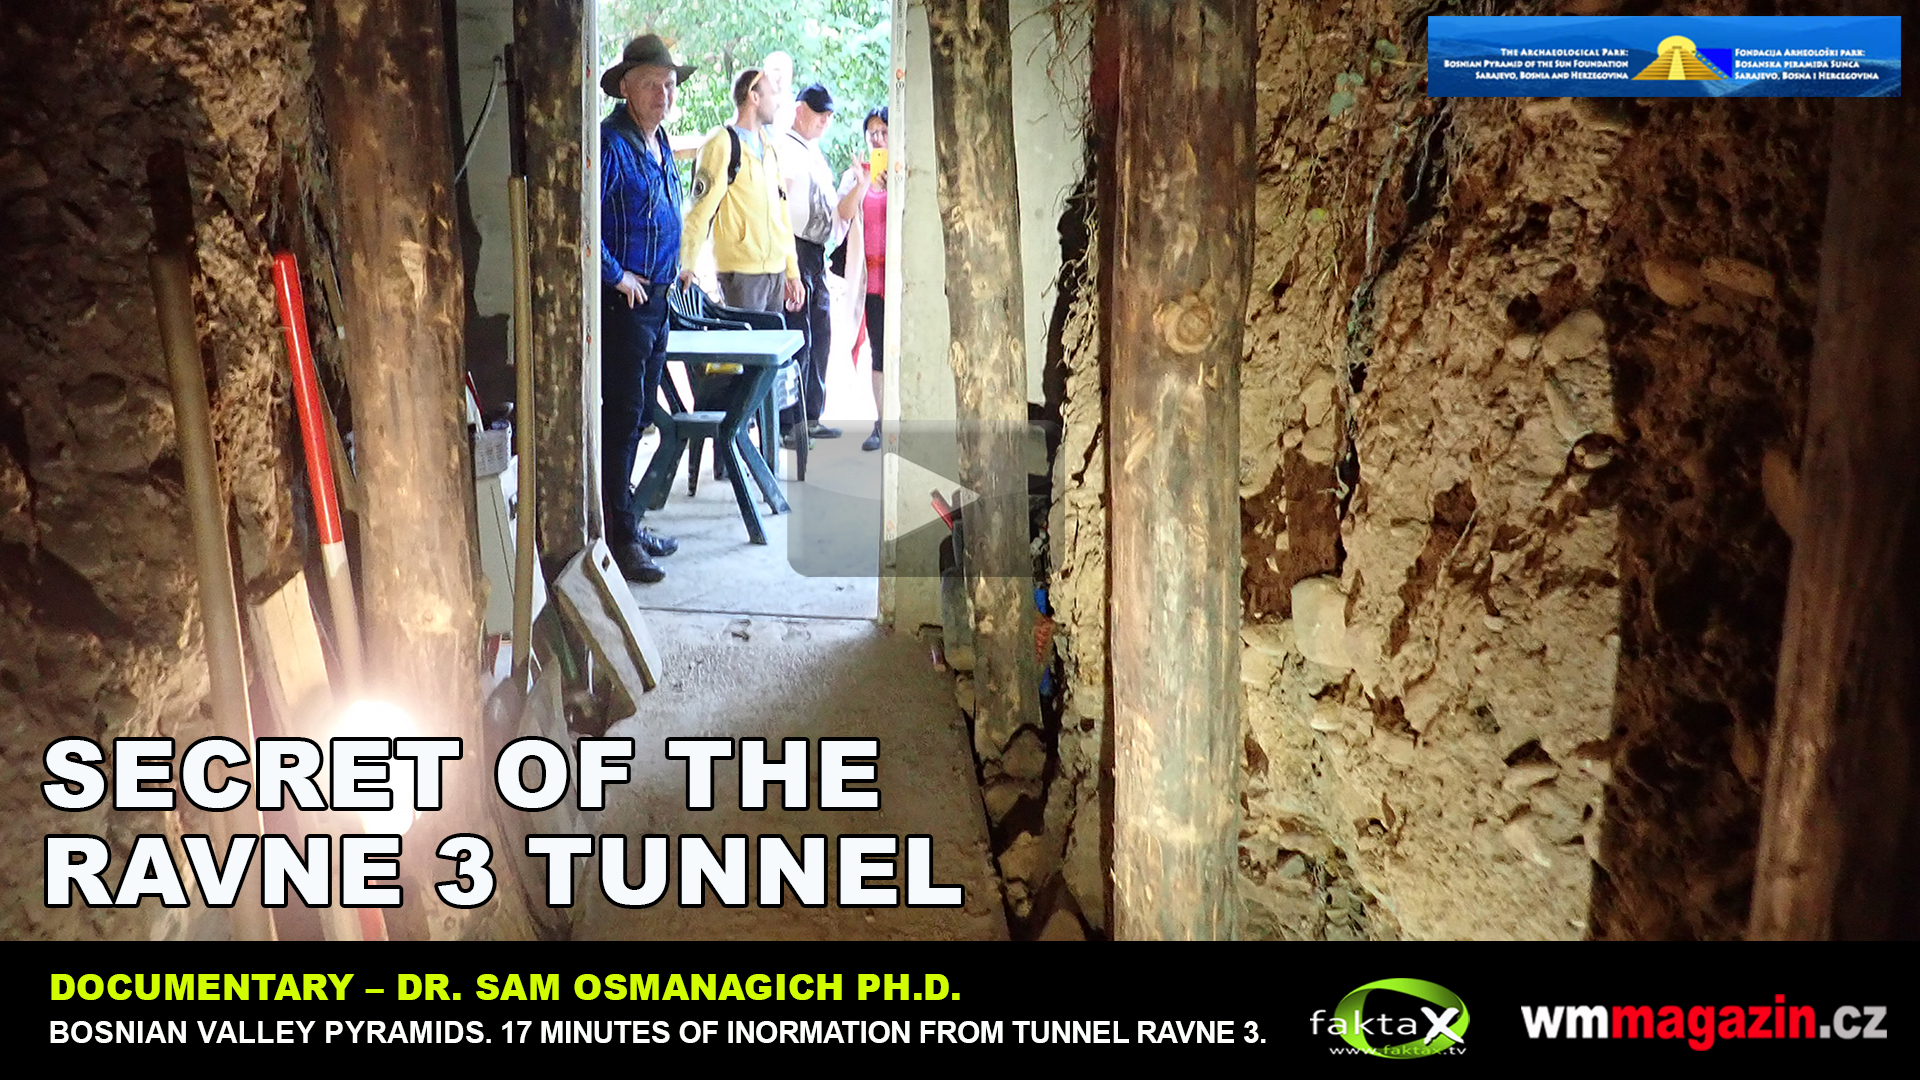 SECRET OF THE RAVNE 3 TUNNEL